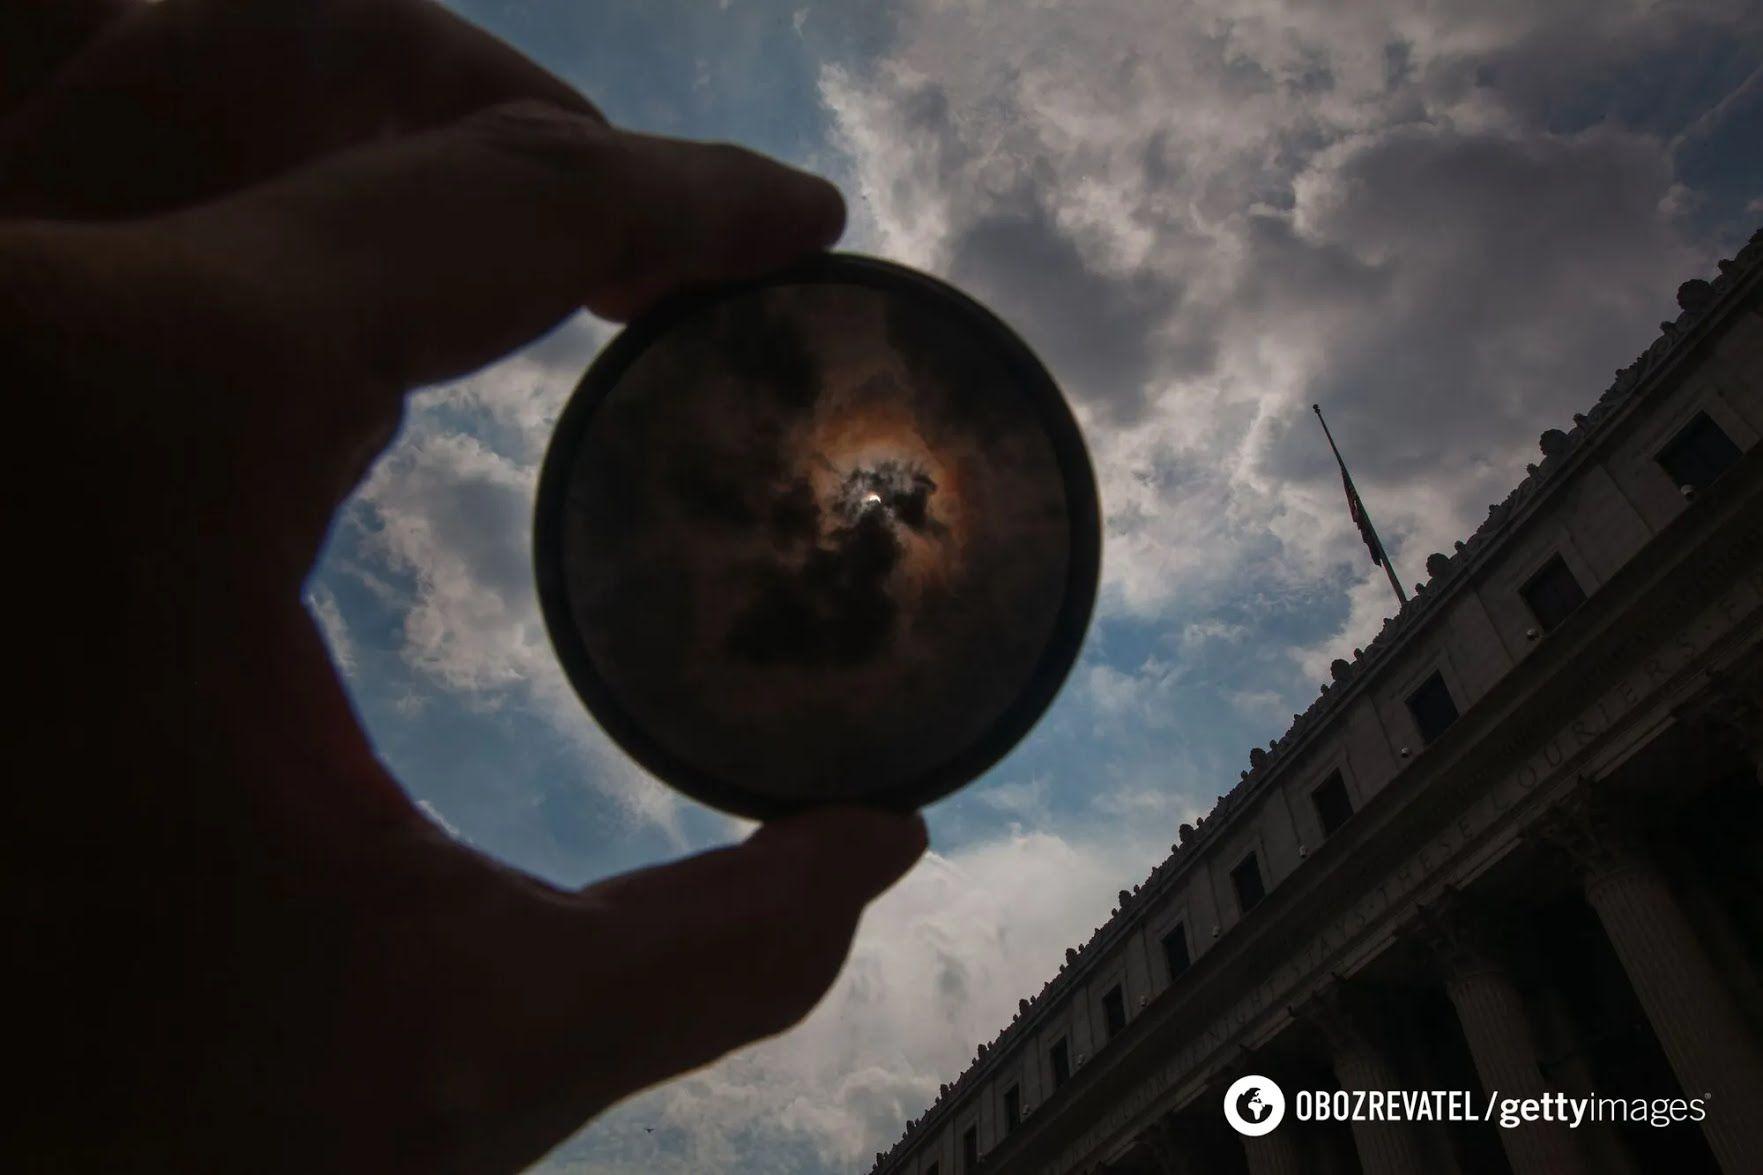 Під час затемнення 10 червня Сонце буде закрито тільки на 12%.